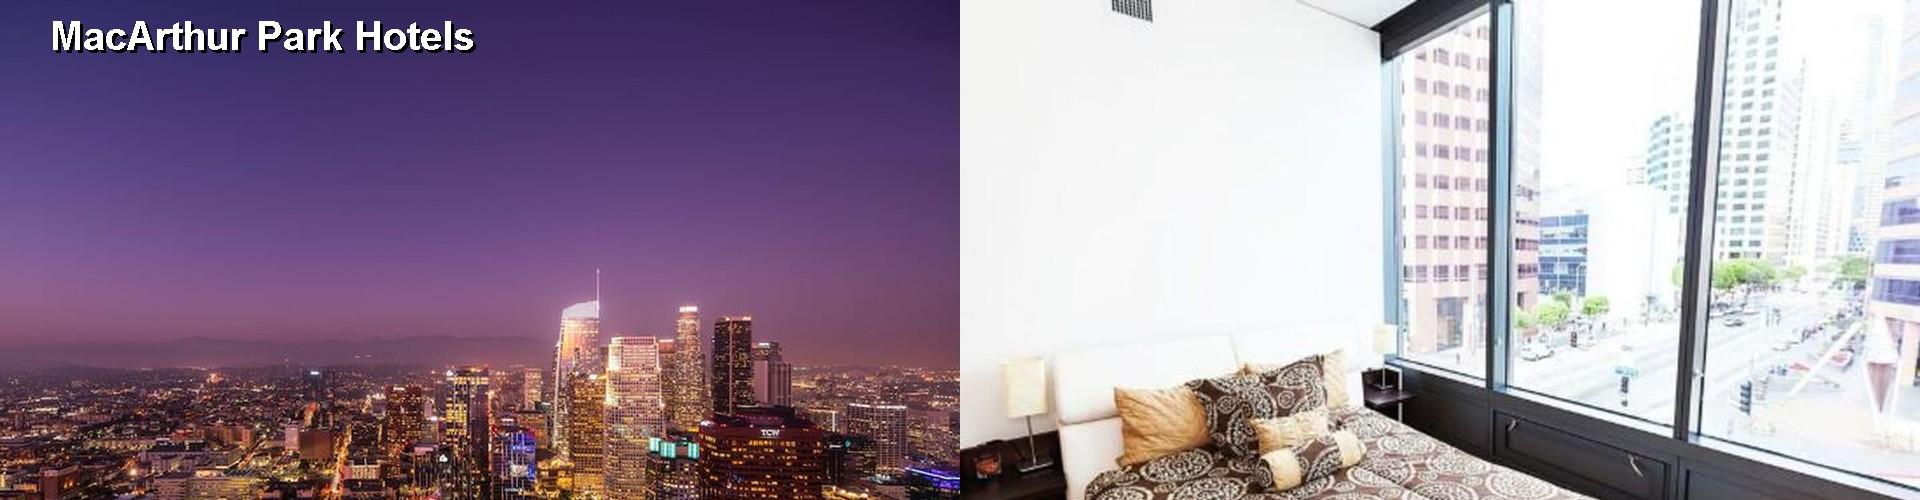 4 Best Hotels Near Macarthur Park